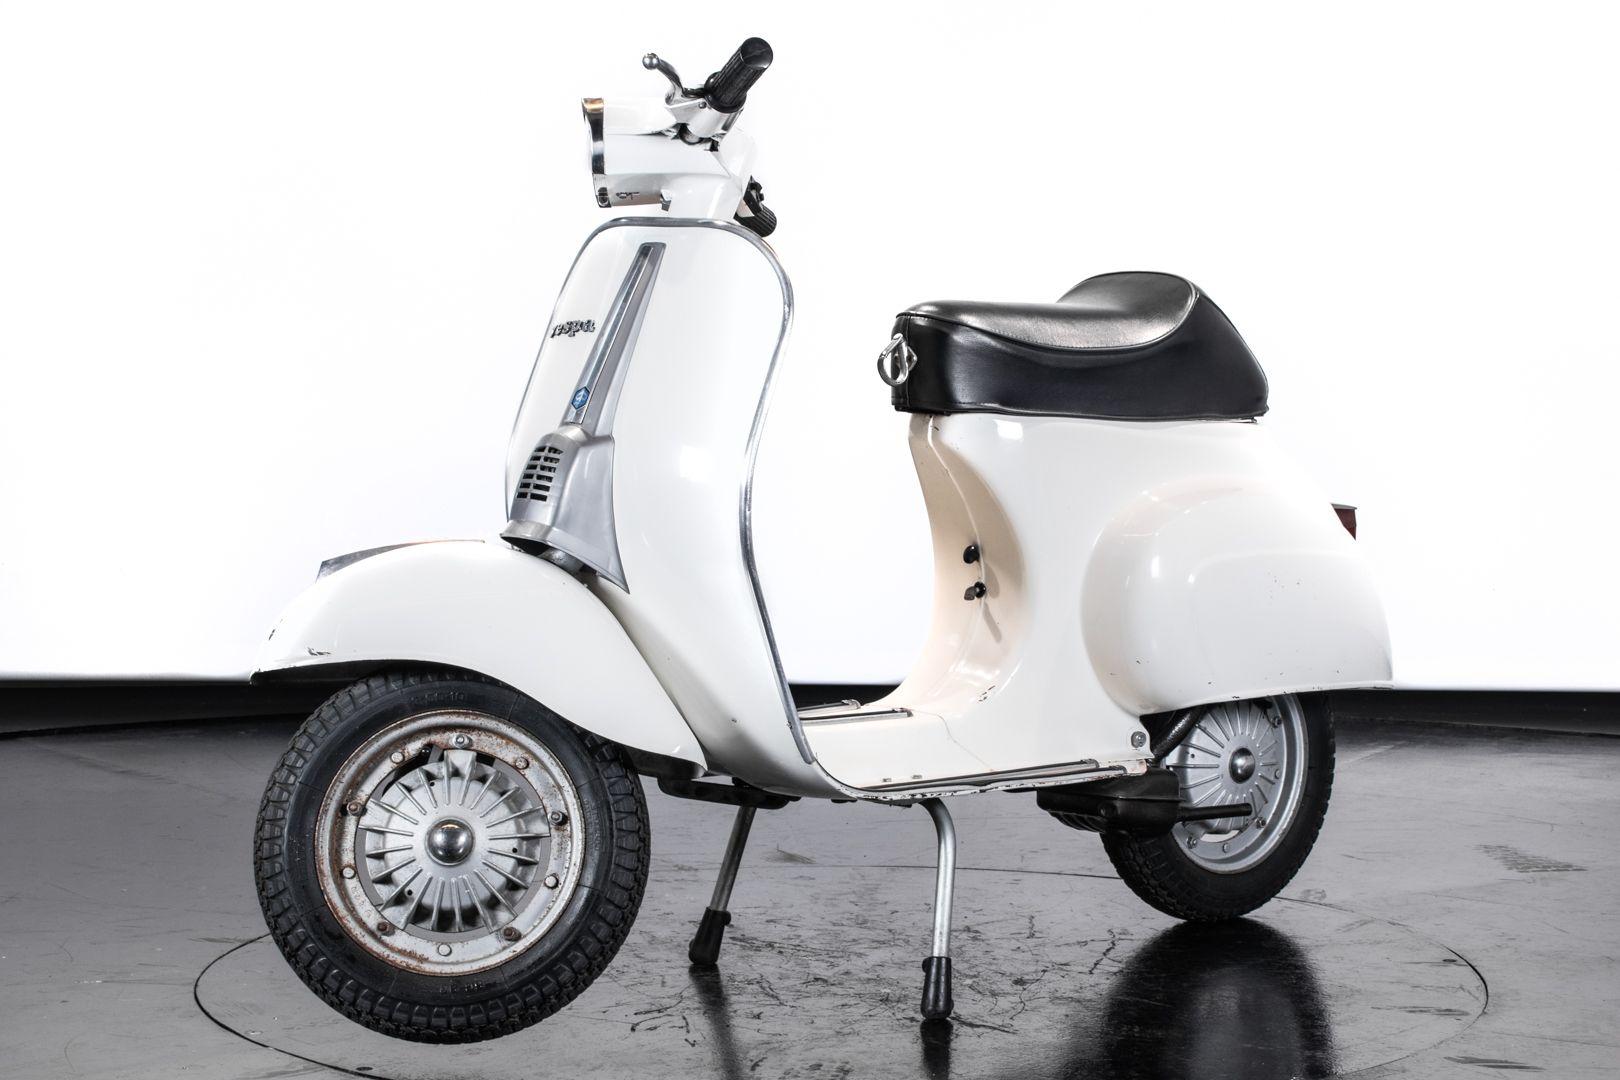 1972 Piaggio Vespa 50 Special 70180